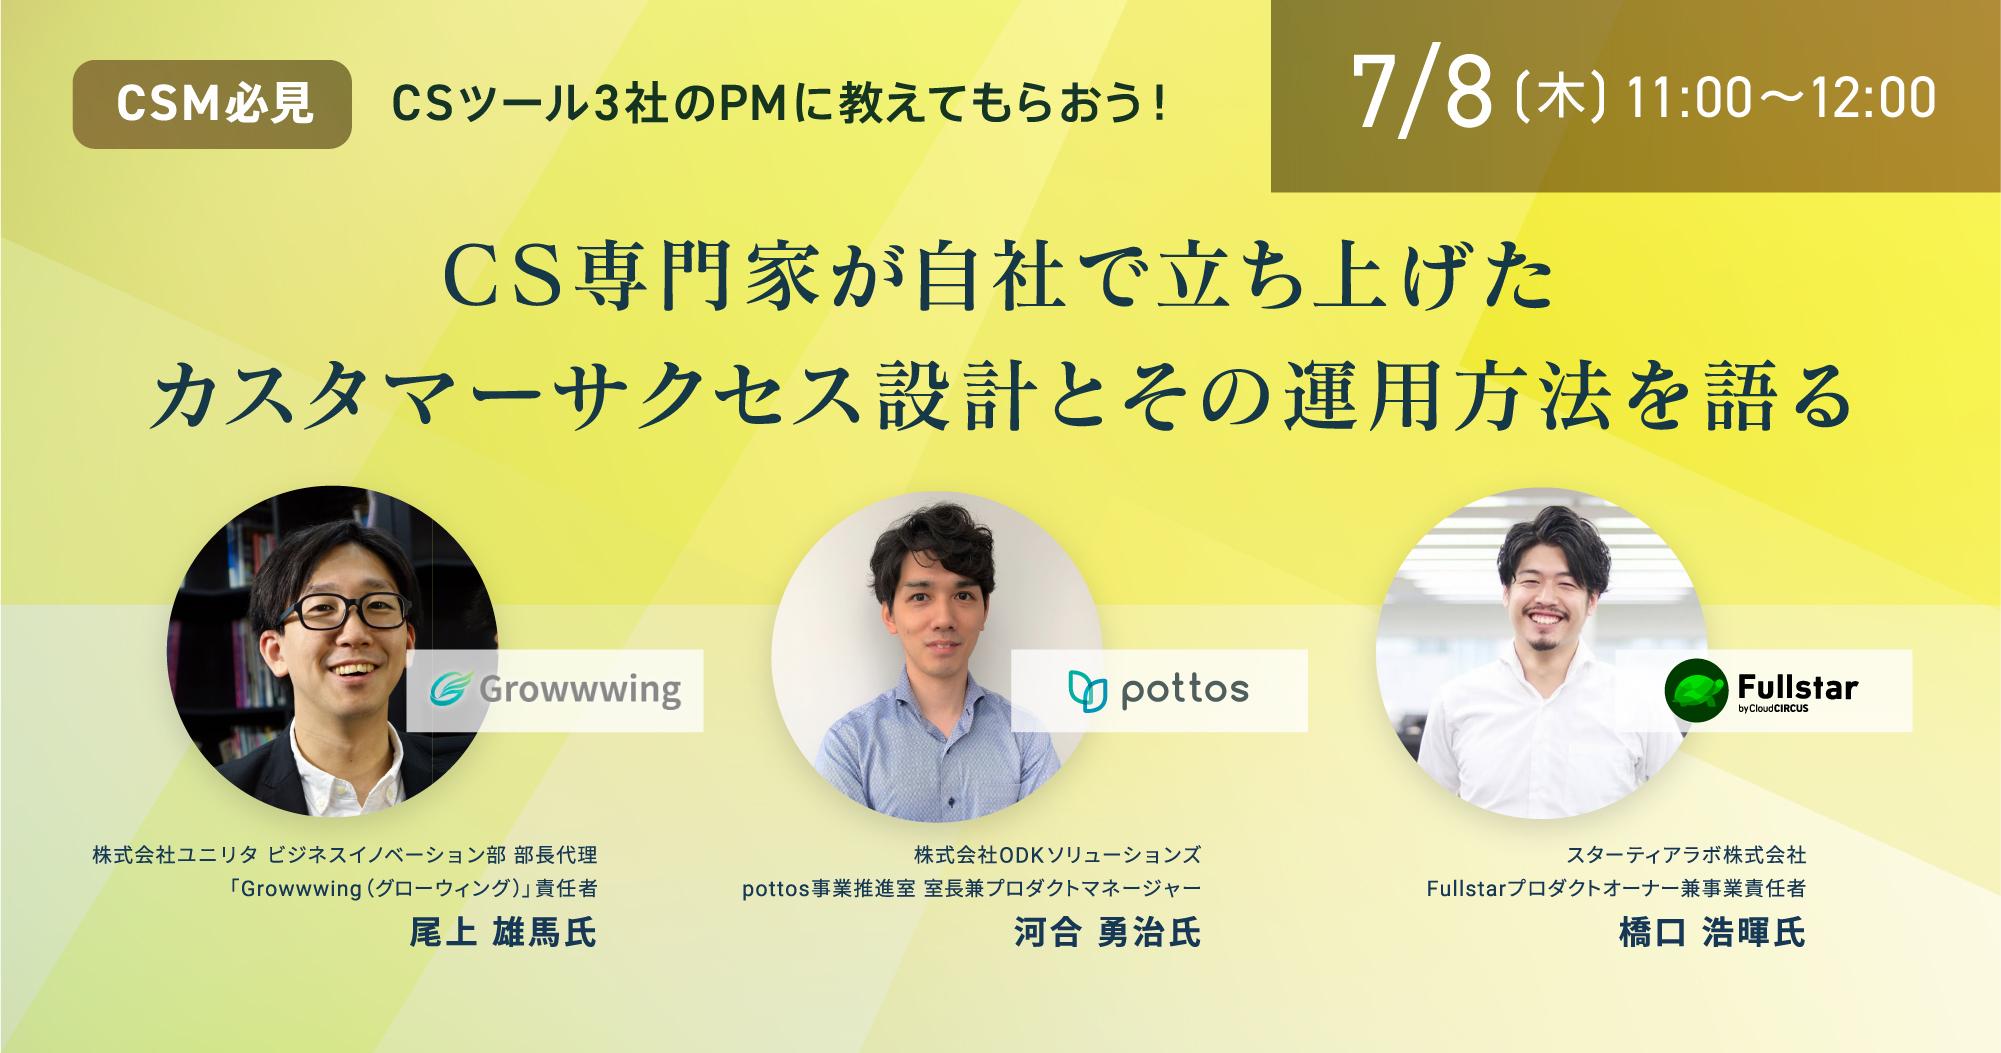 【6月23日(水)】【新規のお客様向け】チャットボットツール IZANAIご紹介セミナー